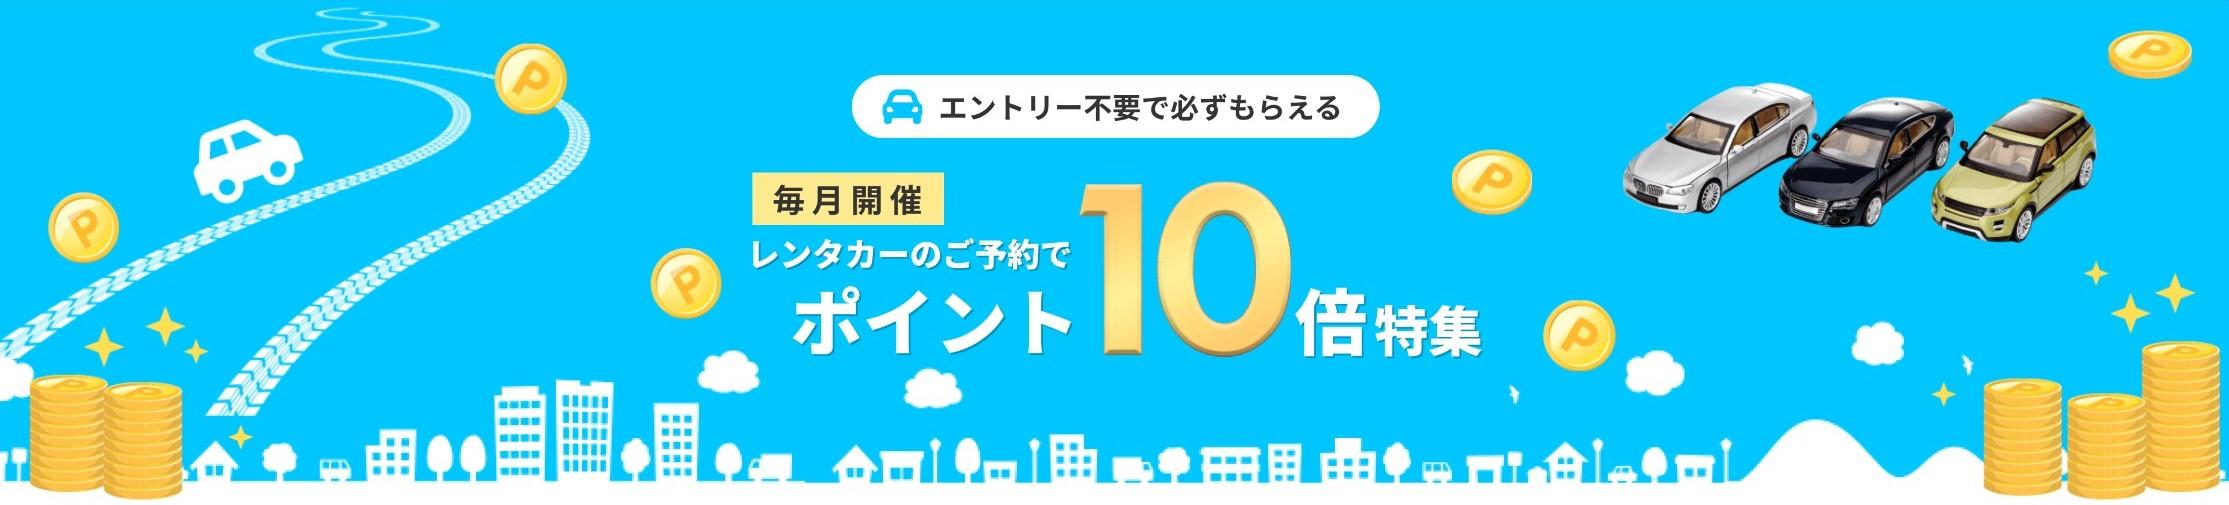 国内レンタカー予約ポイント最大13倍キャンペーン